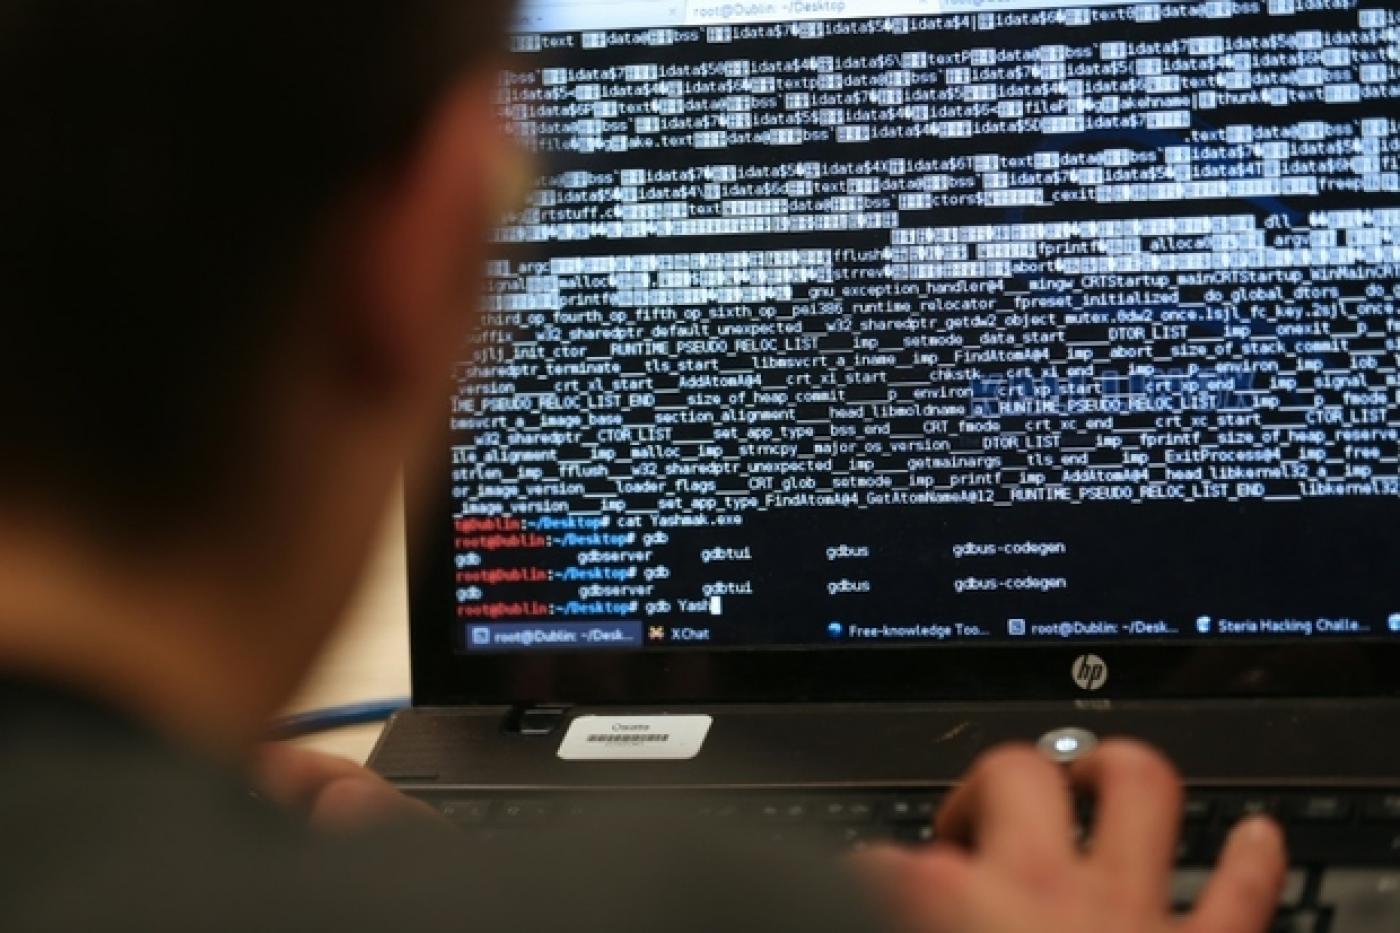 هلند جاسوسی سایبری روسیه و چین را رو به افزایش و نگرانکننده خواند.